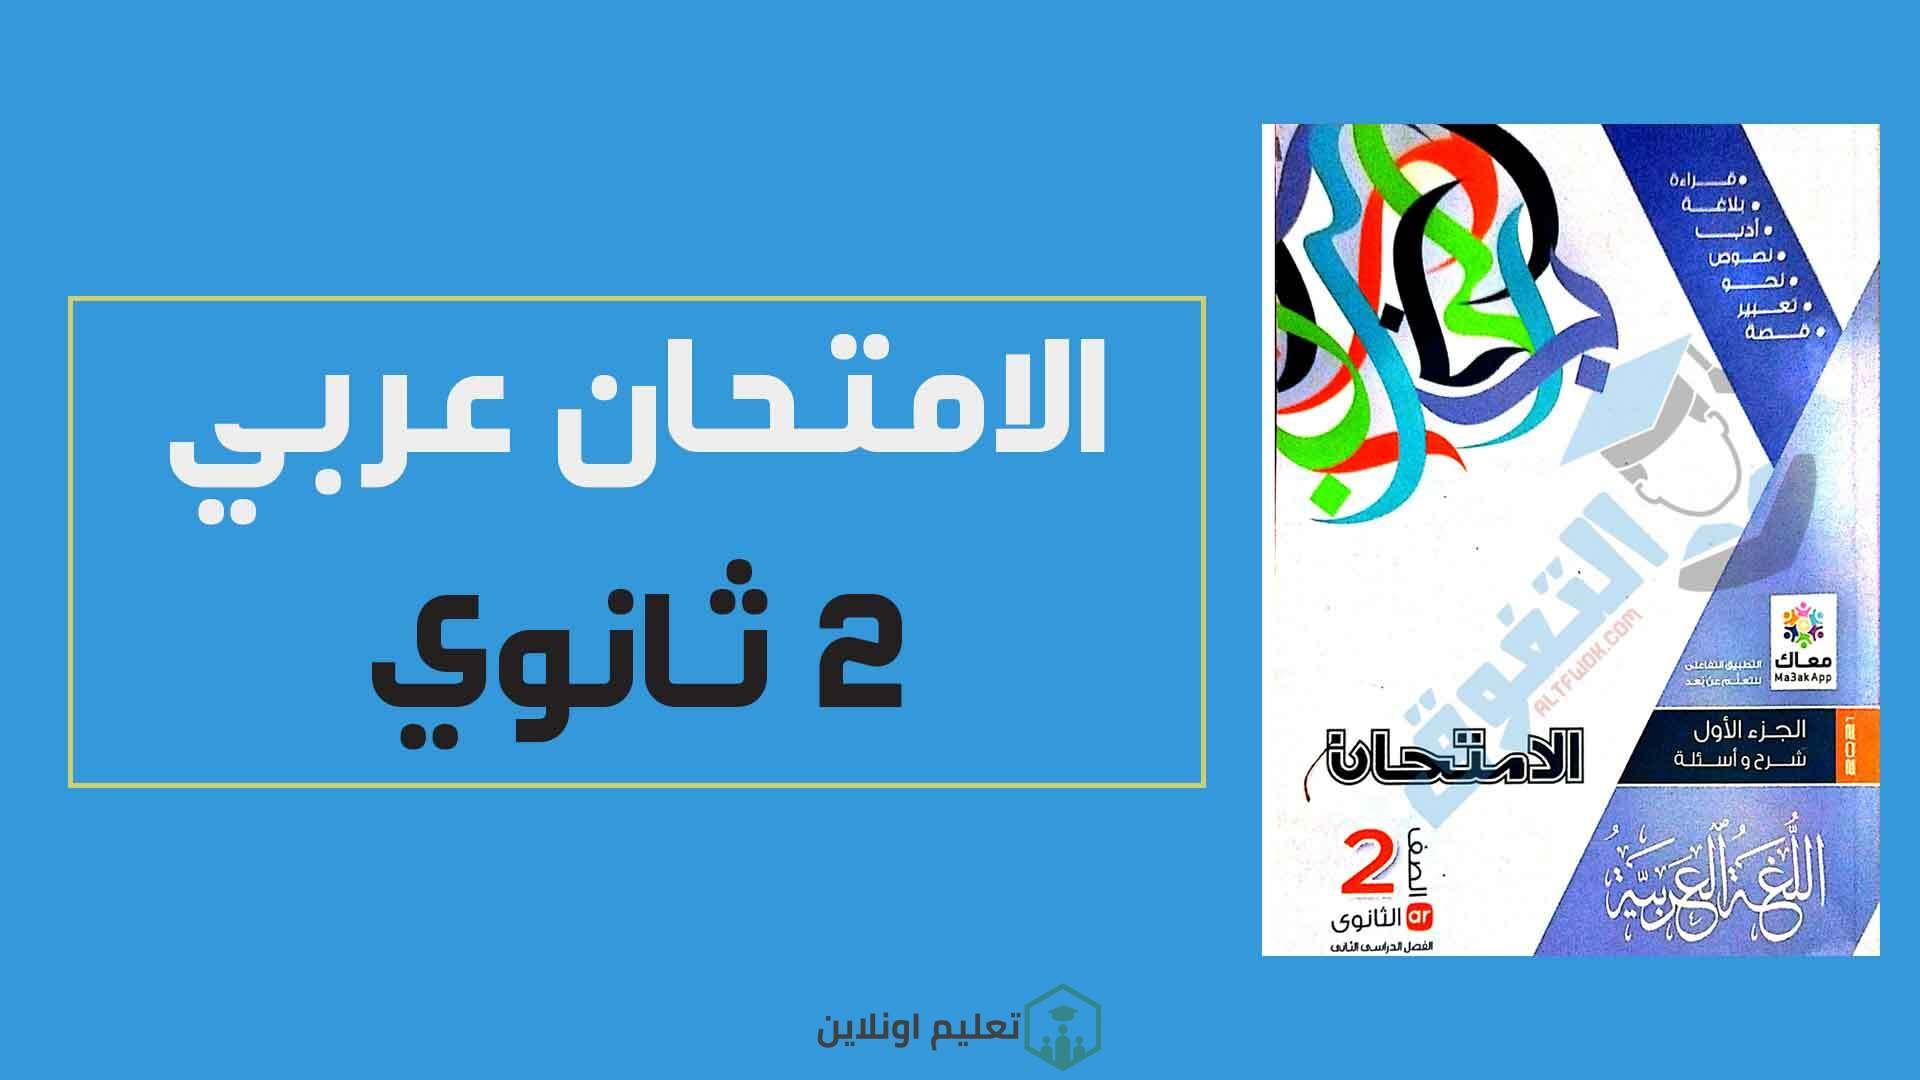 تحميل كتاب الامتحان لغة عربية للصف الثانى الثانوى الترم الثانى 2021 pdf (كتاب الشرح النسخة الجديدة )